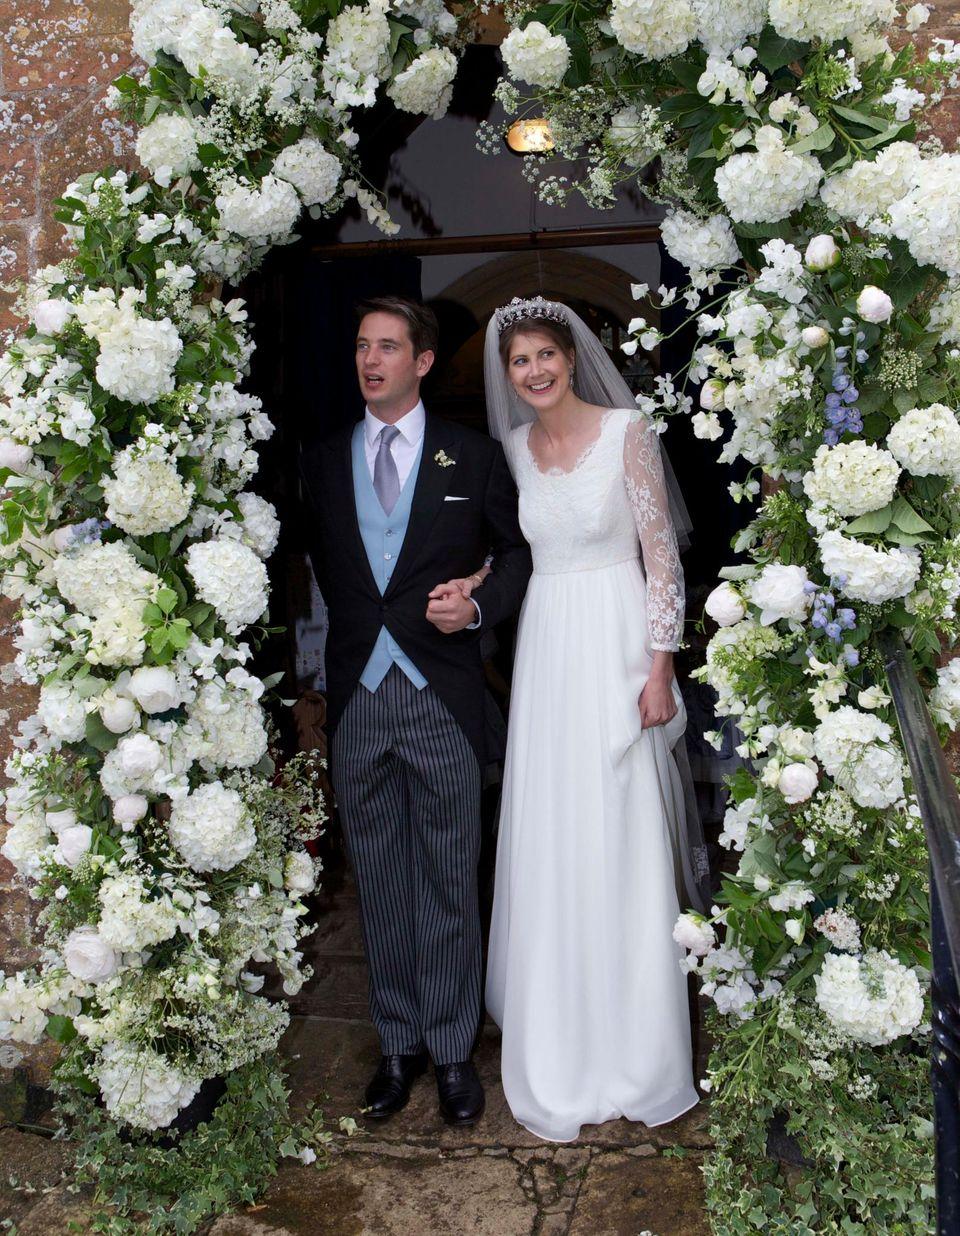 Prinzessin Florence von Preußen und James Tollemache haben im Süden Englands geheiratet.